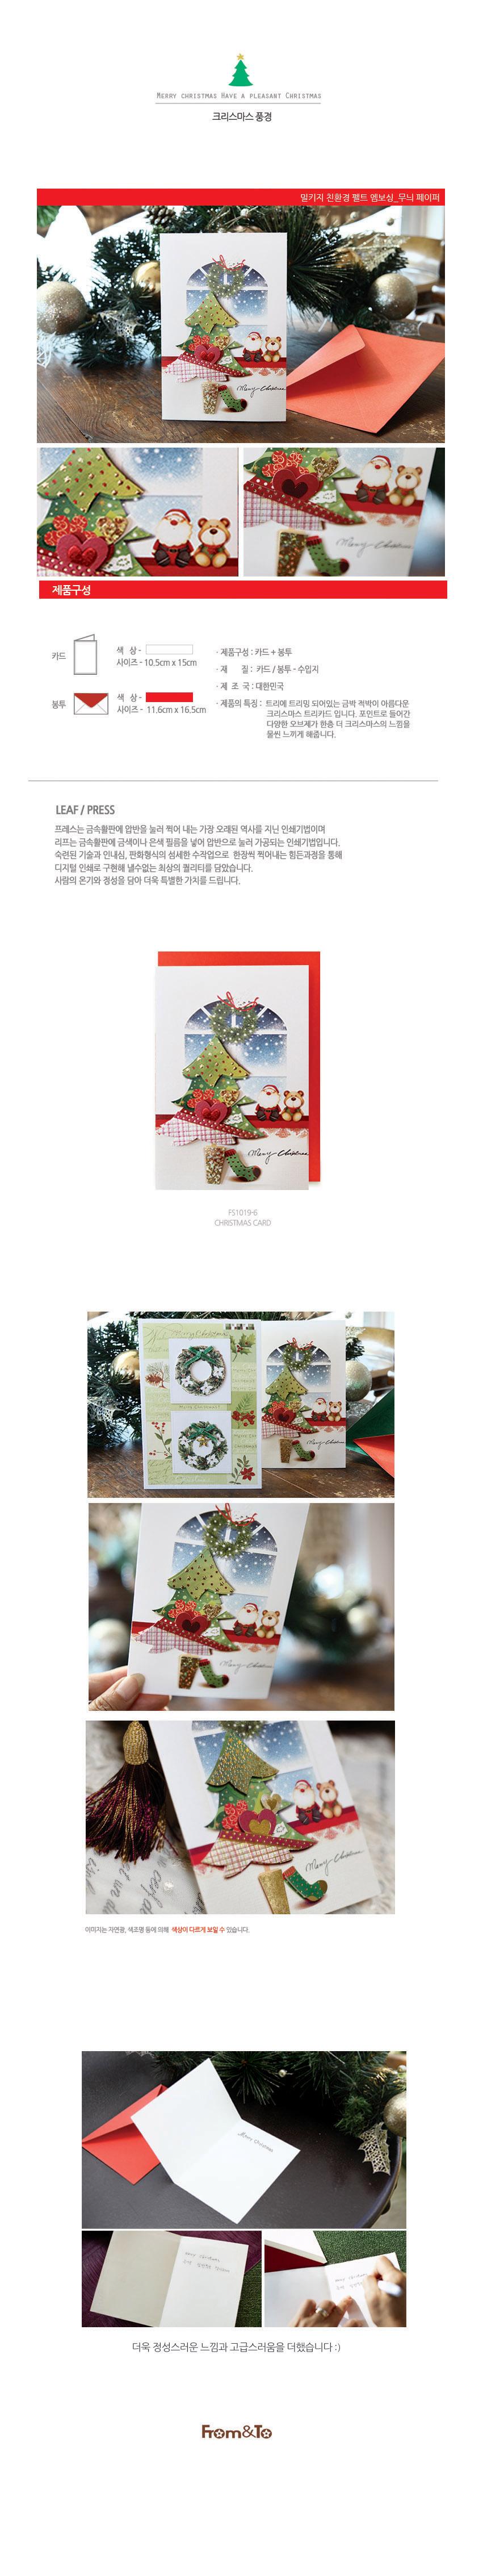 크리스마스 풍경 FS1019-6 - 프롬앤투, 1,000원, 카드, 크리스마스 카드